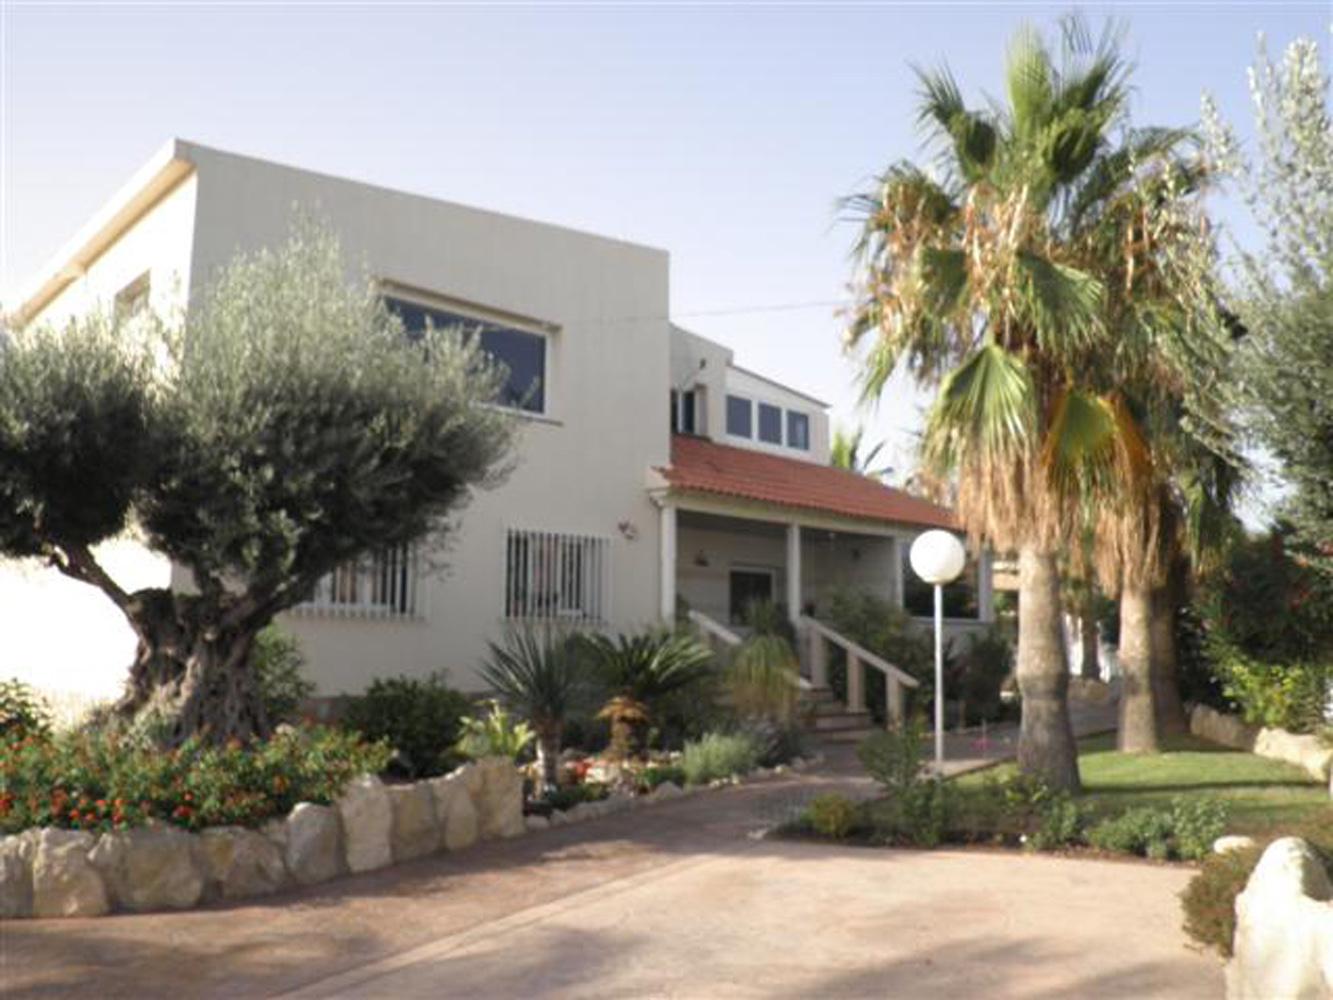 Villa olivera en san vicente del raspeig comprar y - Spa san vicente del raspeig ...